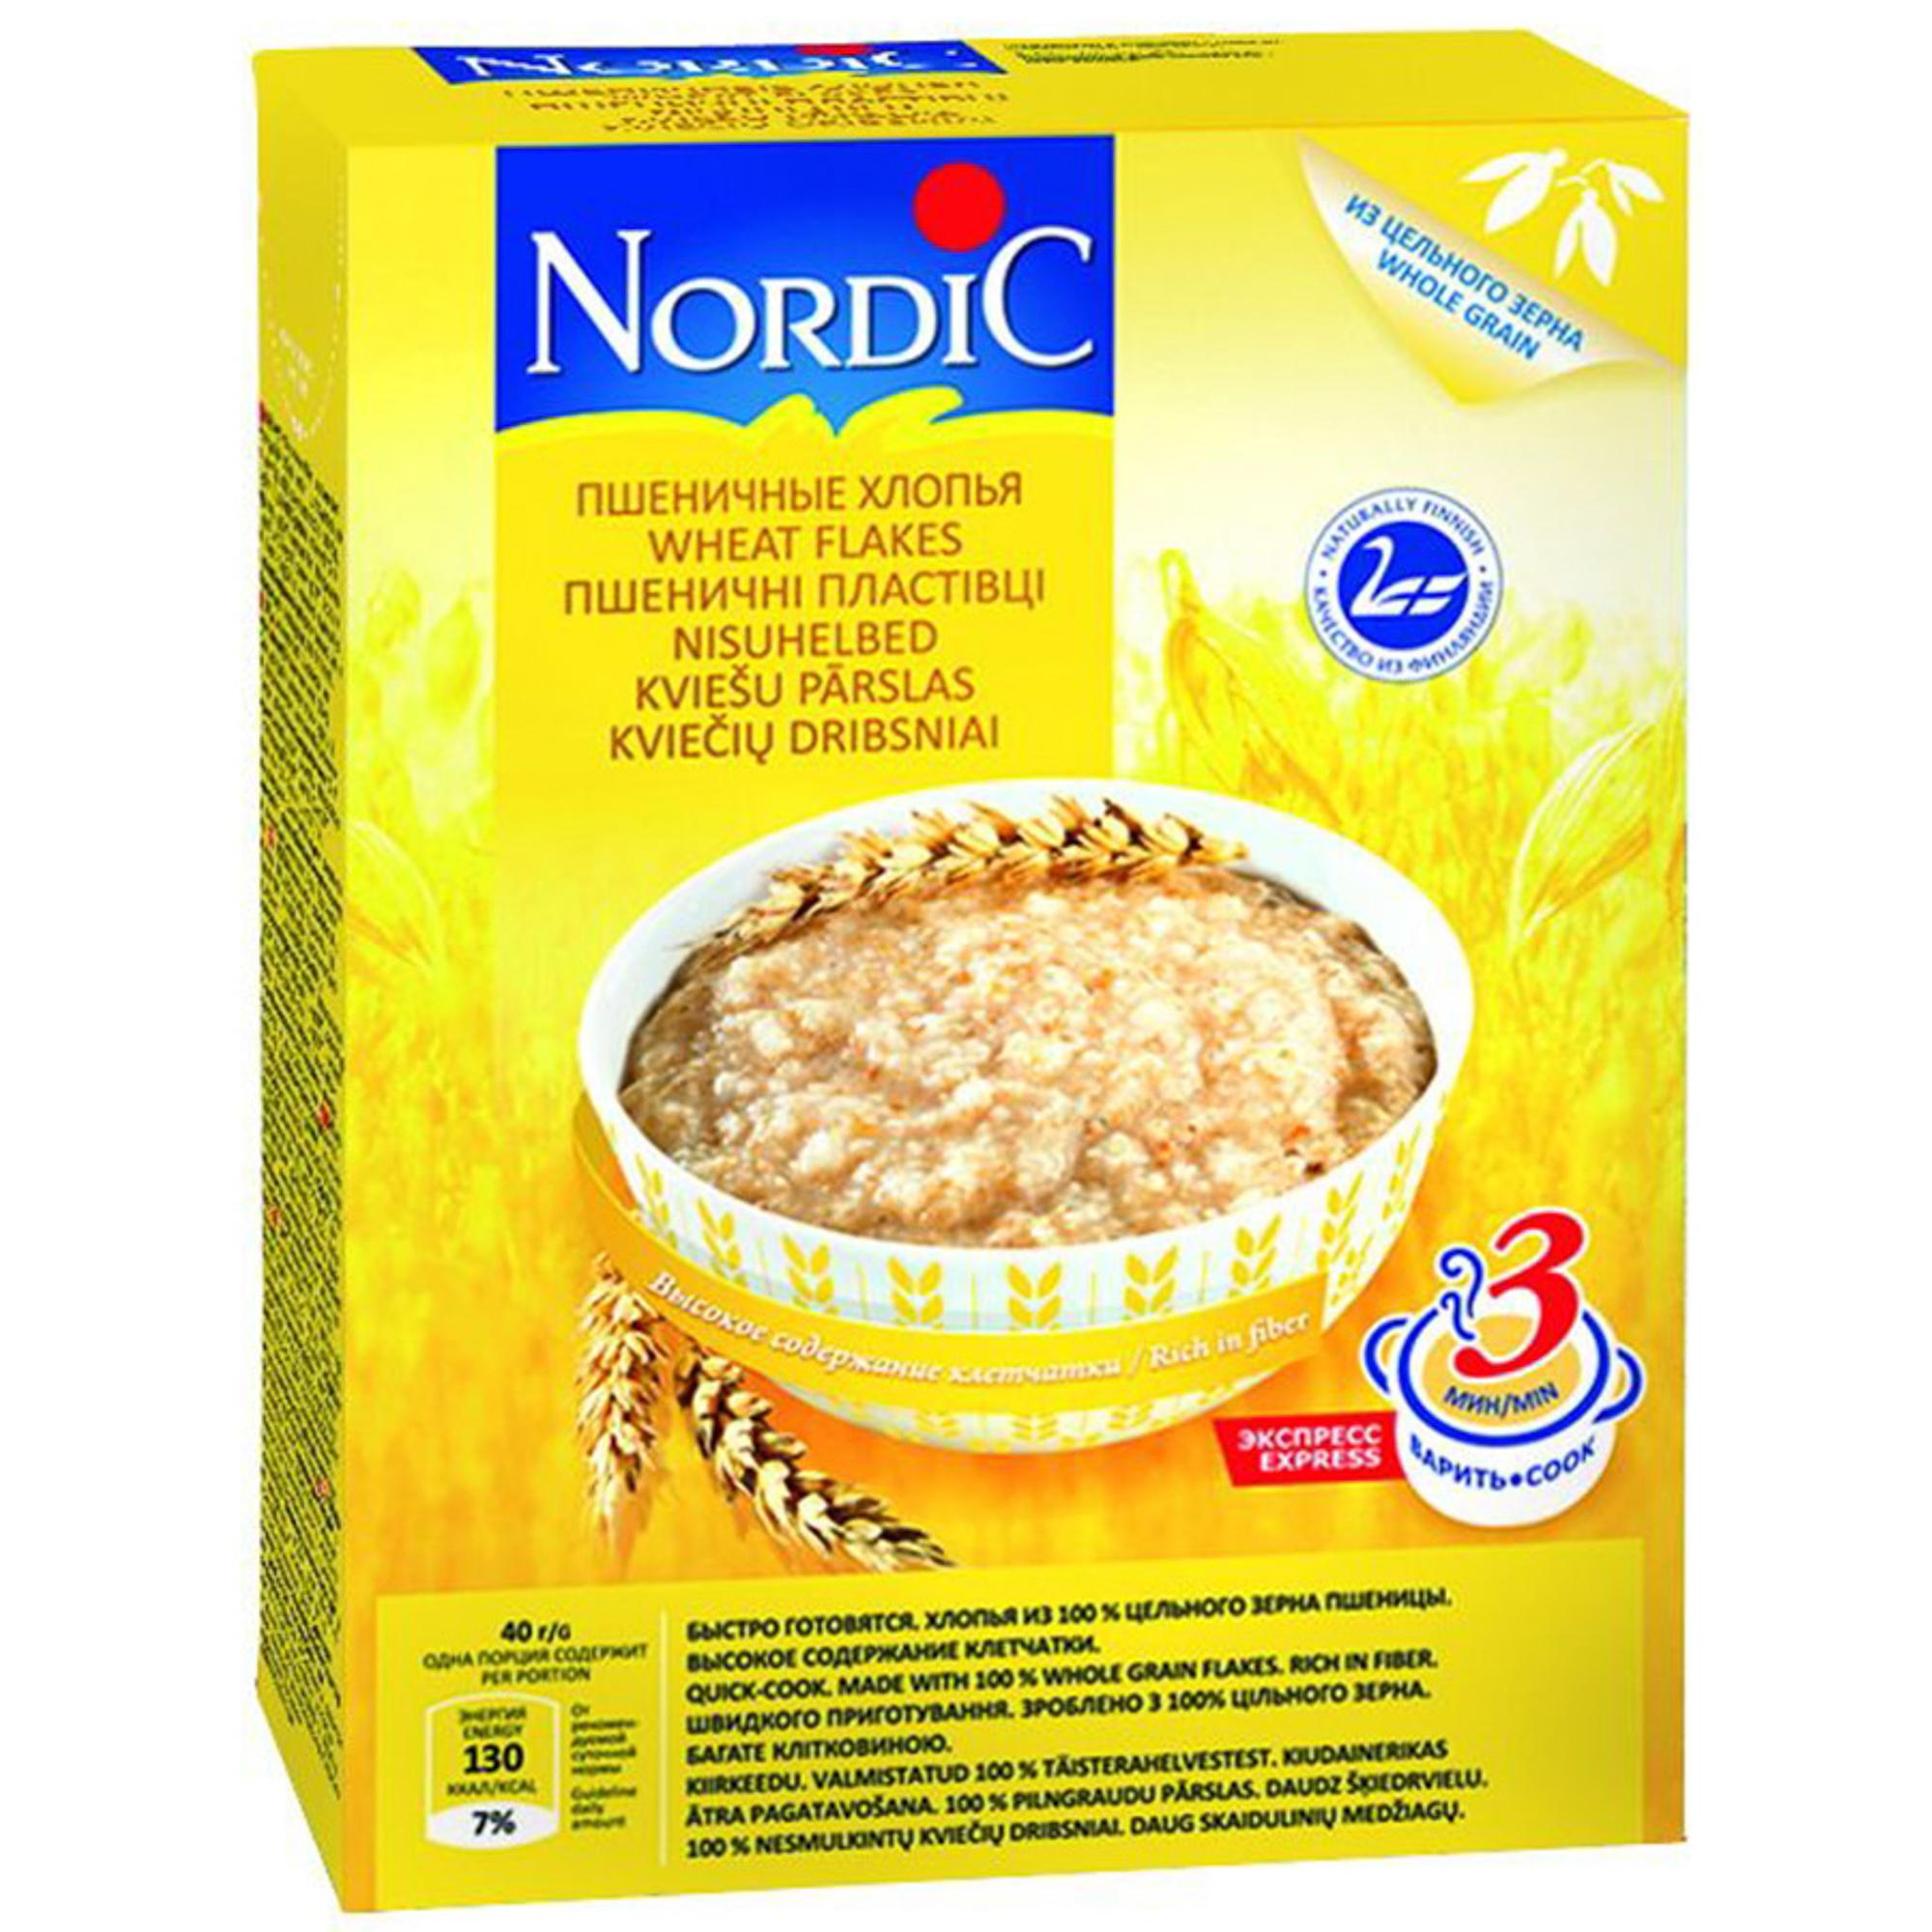 Хлопья Nordic пшеничные 600 г